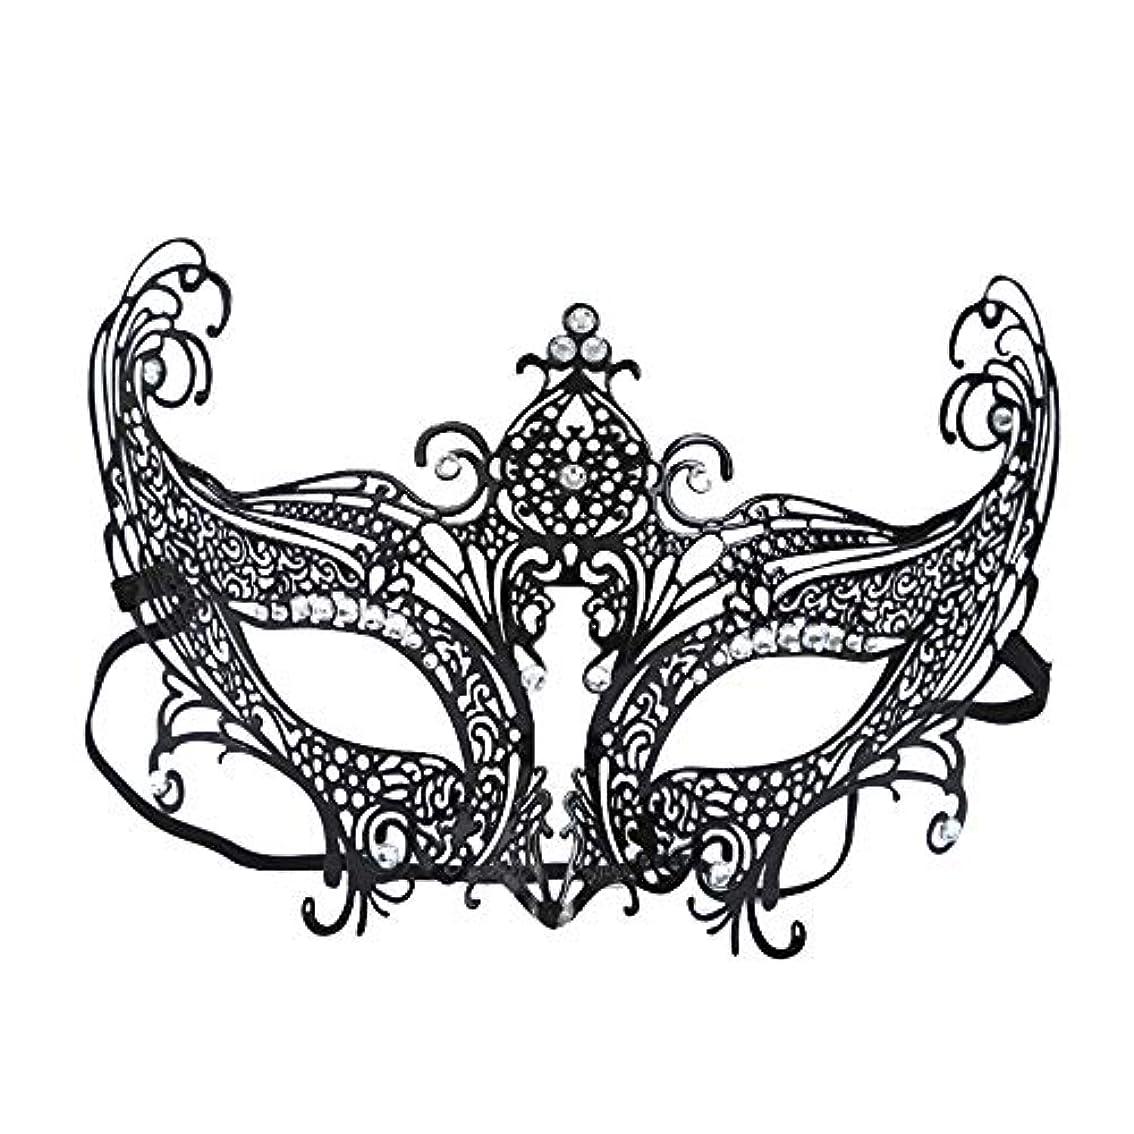 宣言写真を撮る爆風ハーフフェイスアイアンマスクハロウィンヴェネツィア仮装メタルダイヤモンドフォックスマスクセクシーファンアイマスク (Color : B)